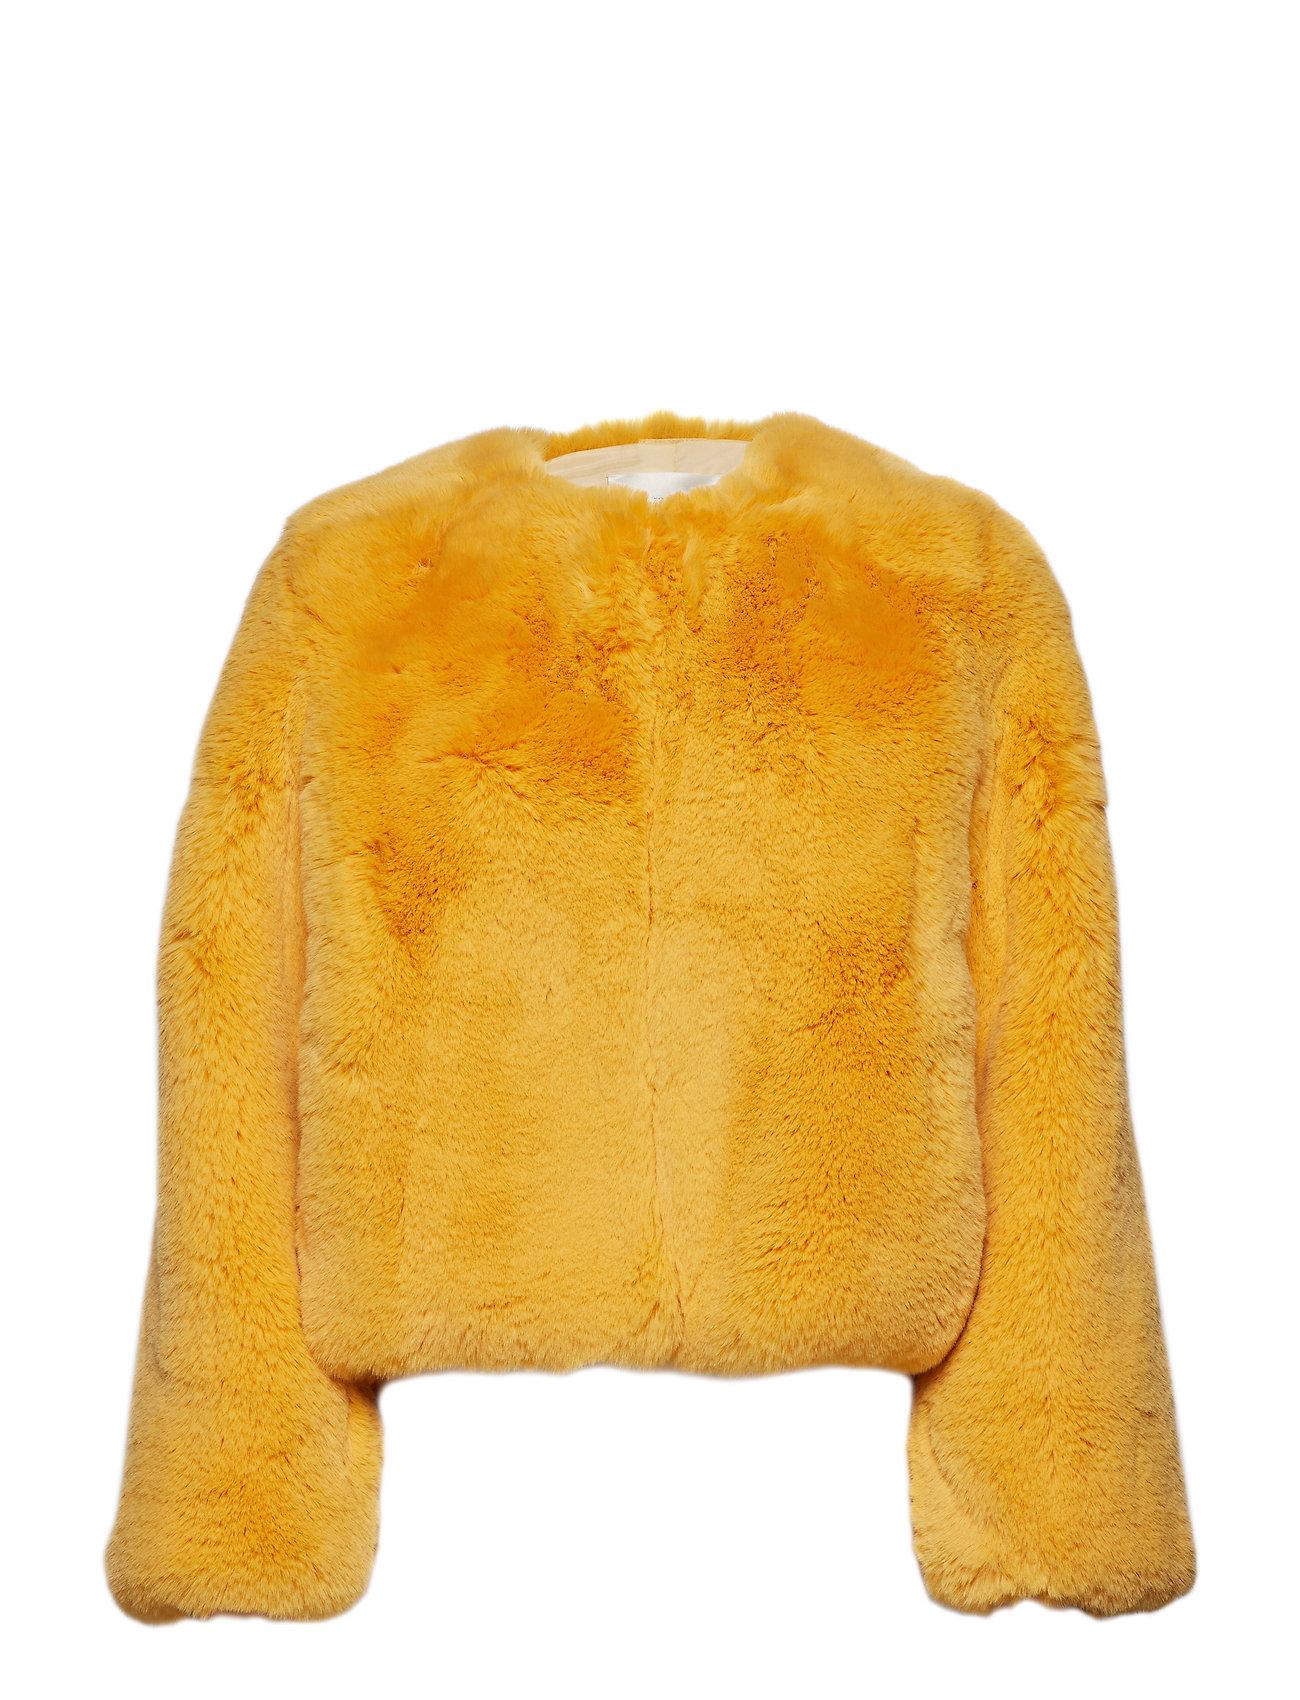 STINE GOYA Randy, 533 Faux Fur Outerwear - AMBER